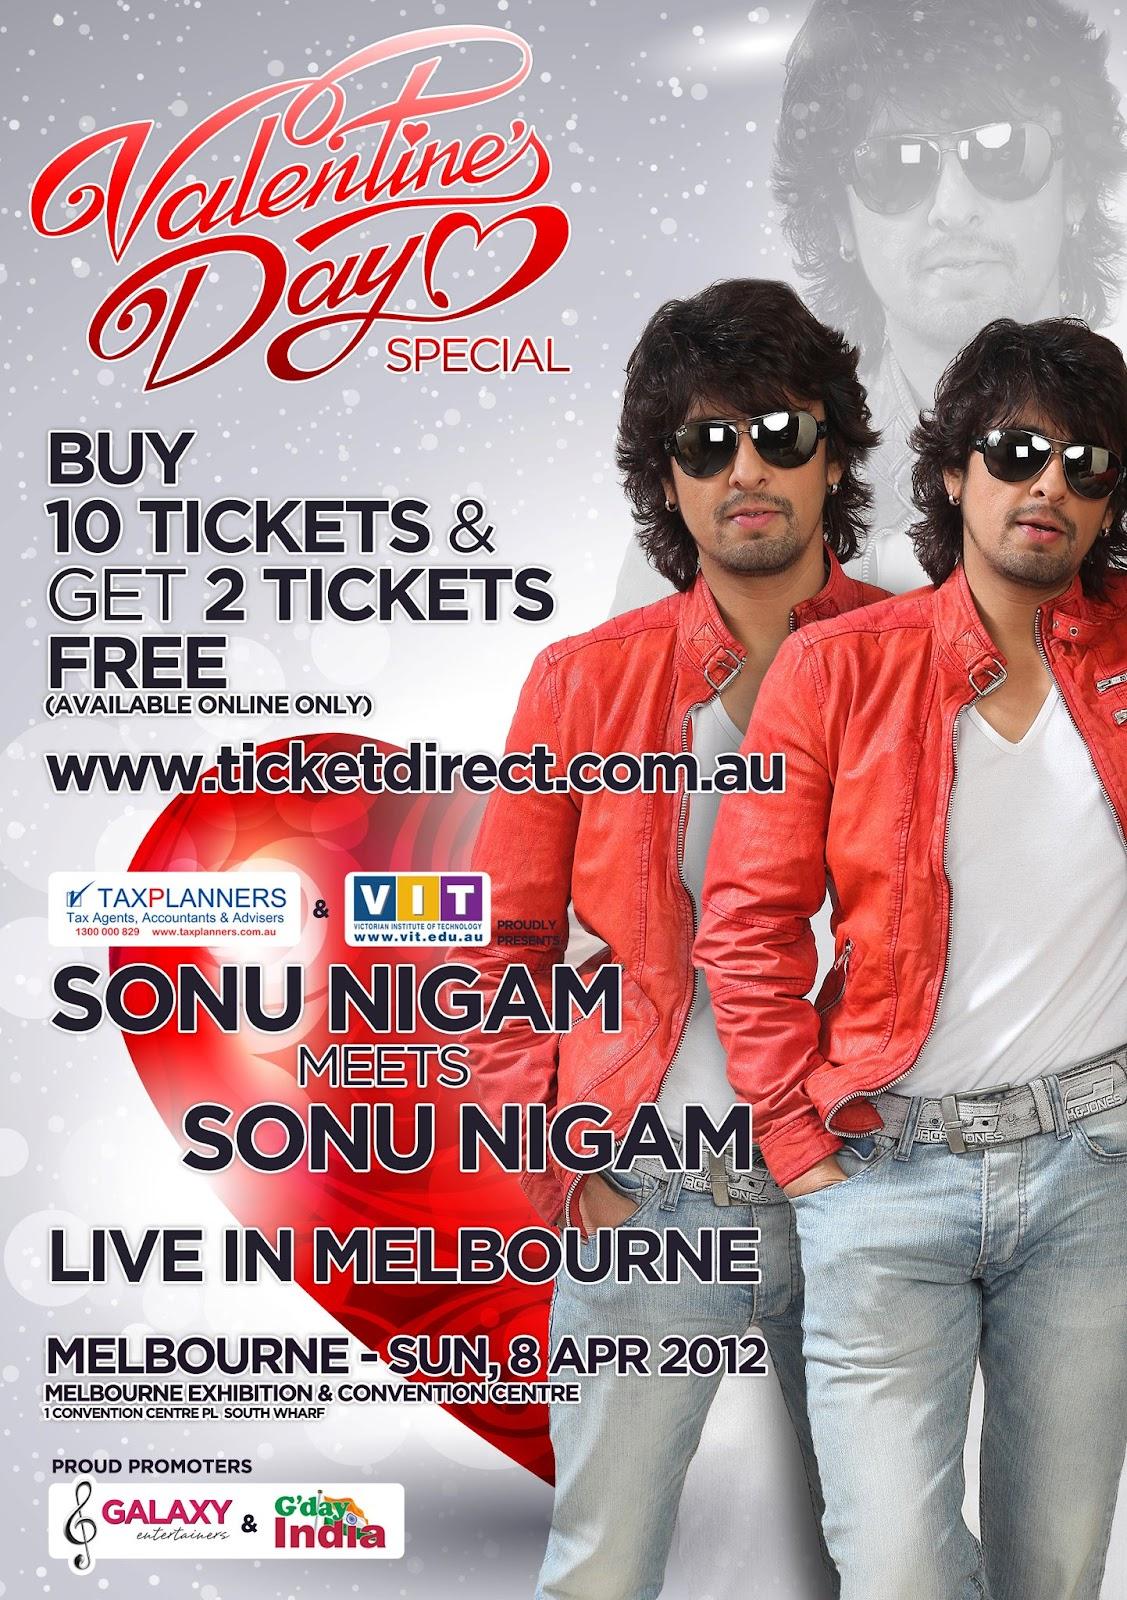 Sonu Nigam Fan: Sonu Nigam Live in Melbourne 2012